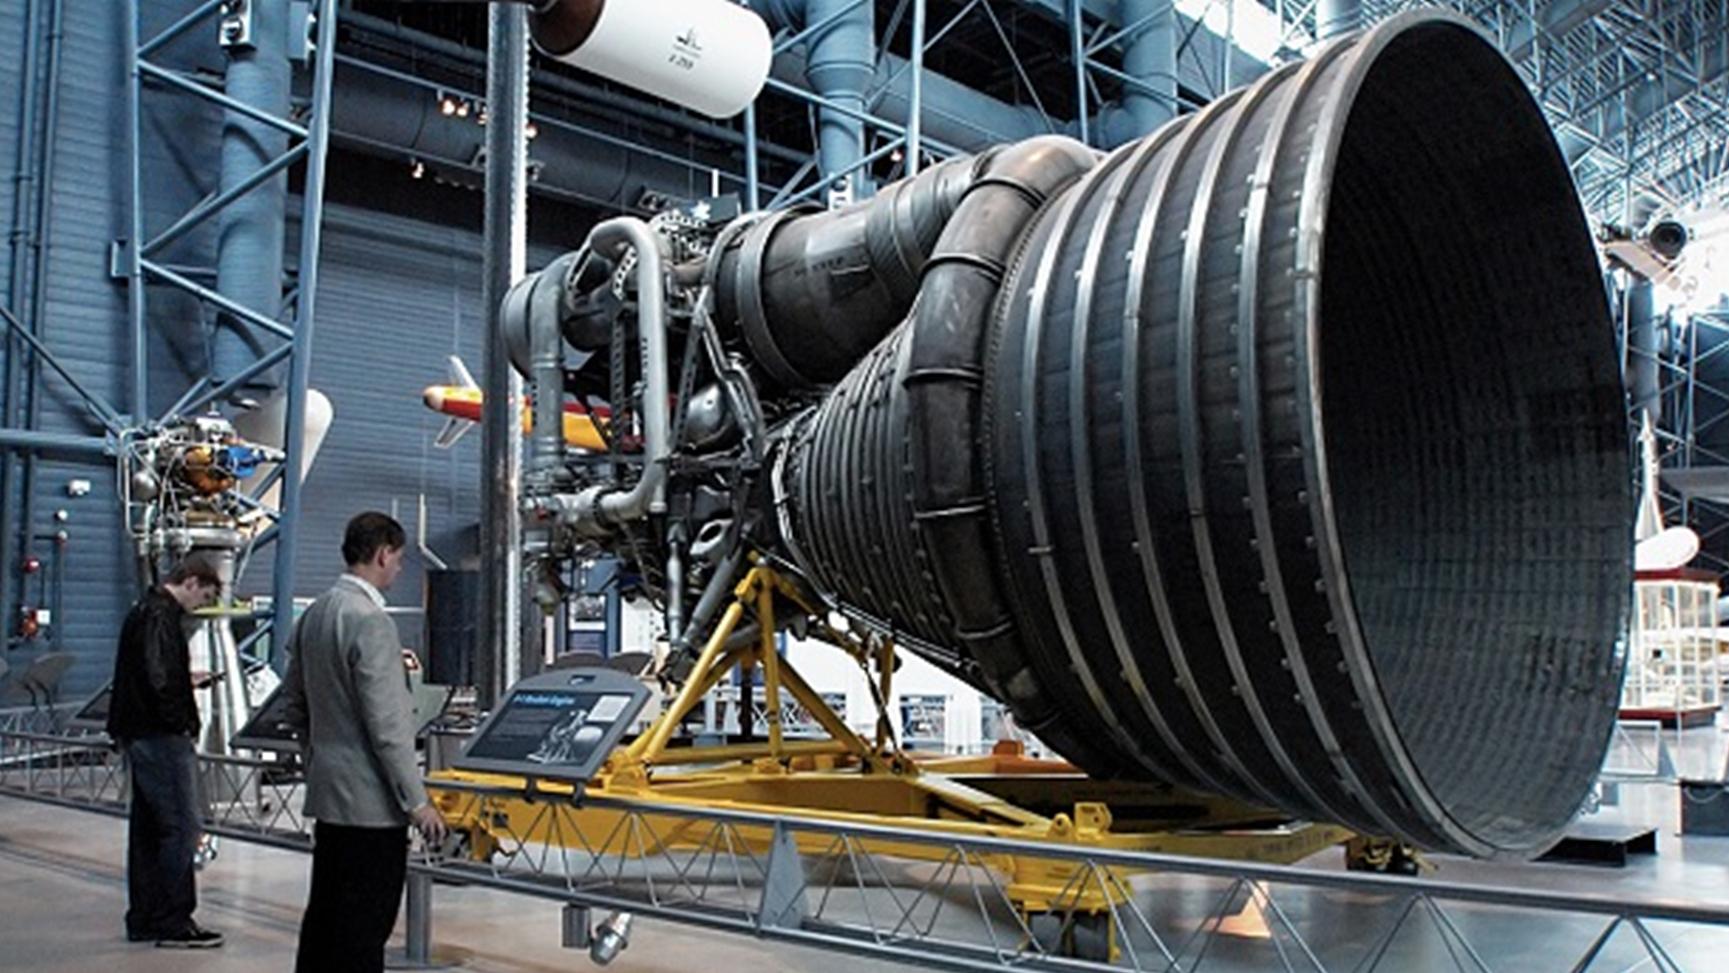 以爆制爆 ,NASA当年为什么会在土星5号火箭F-1发动机里装个炸弹?